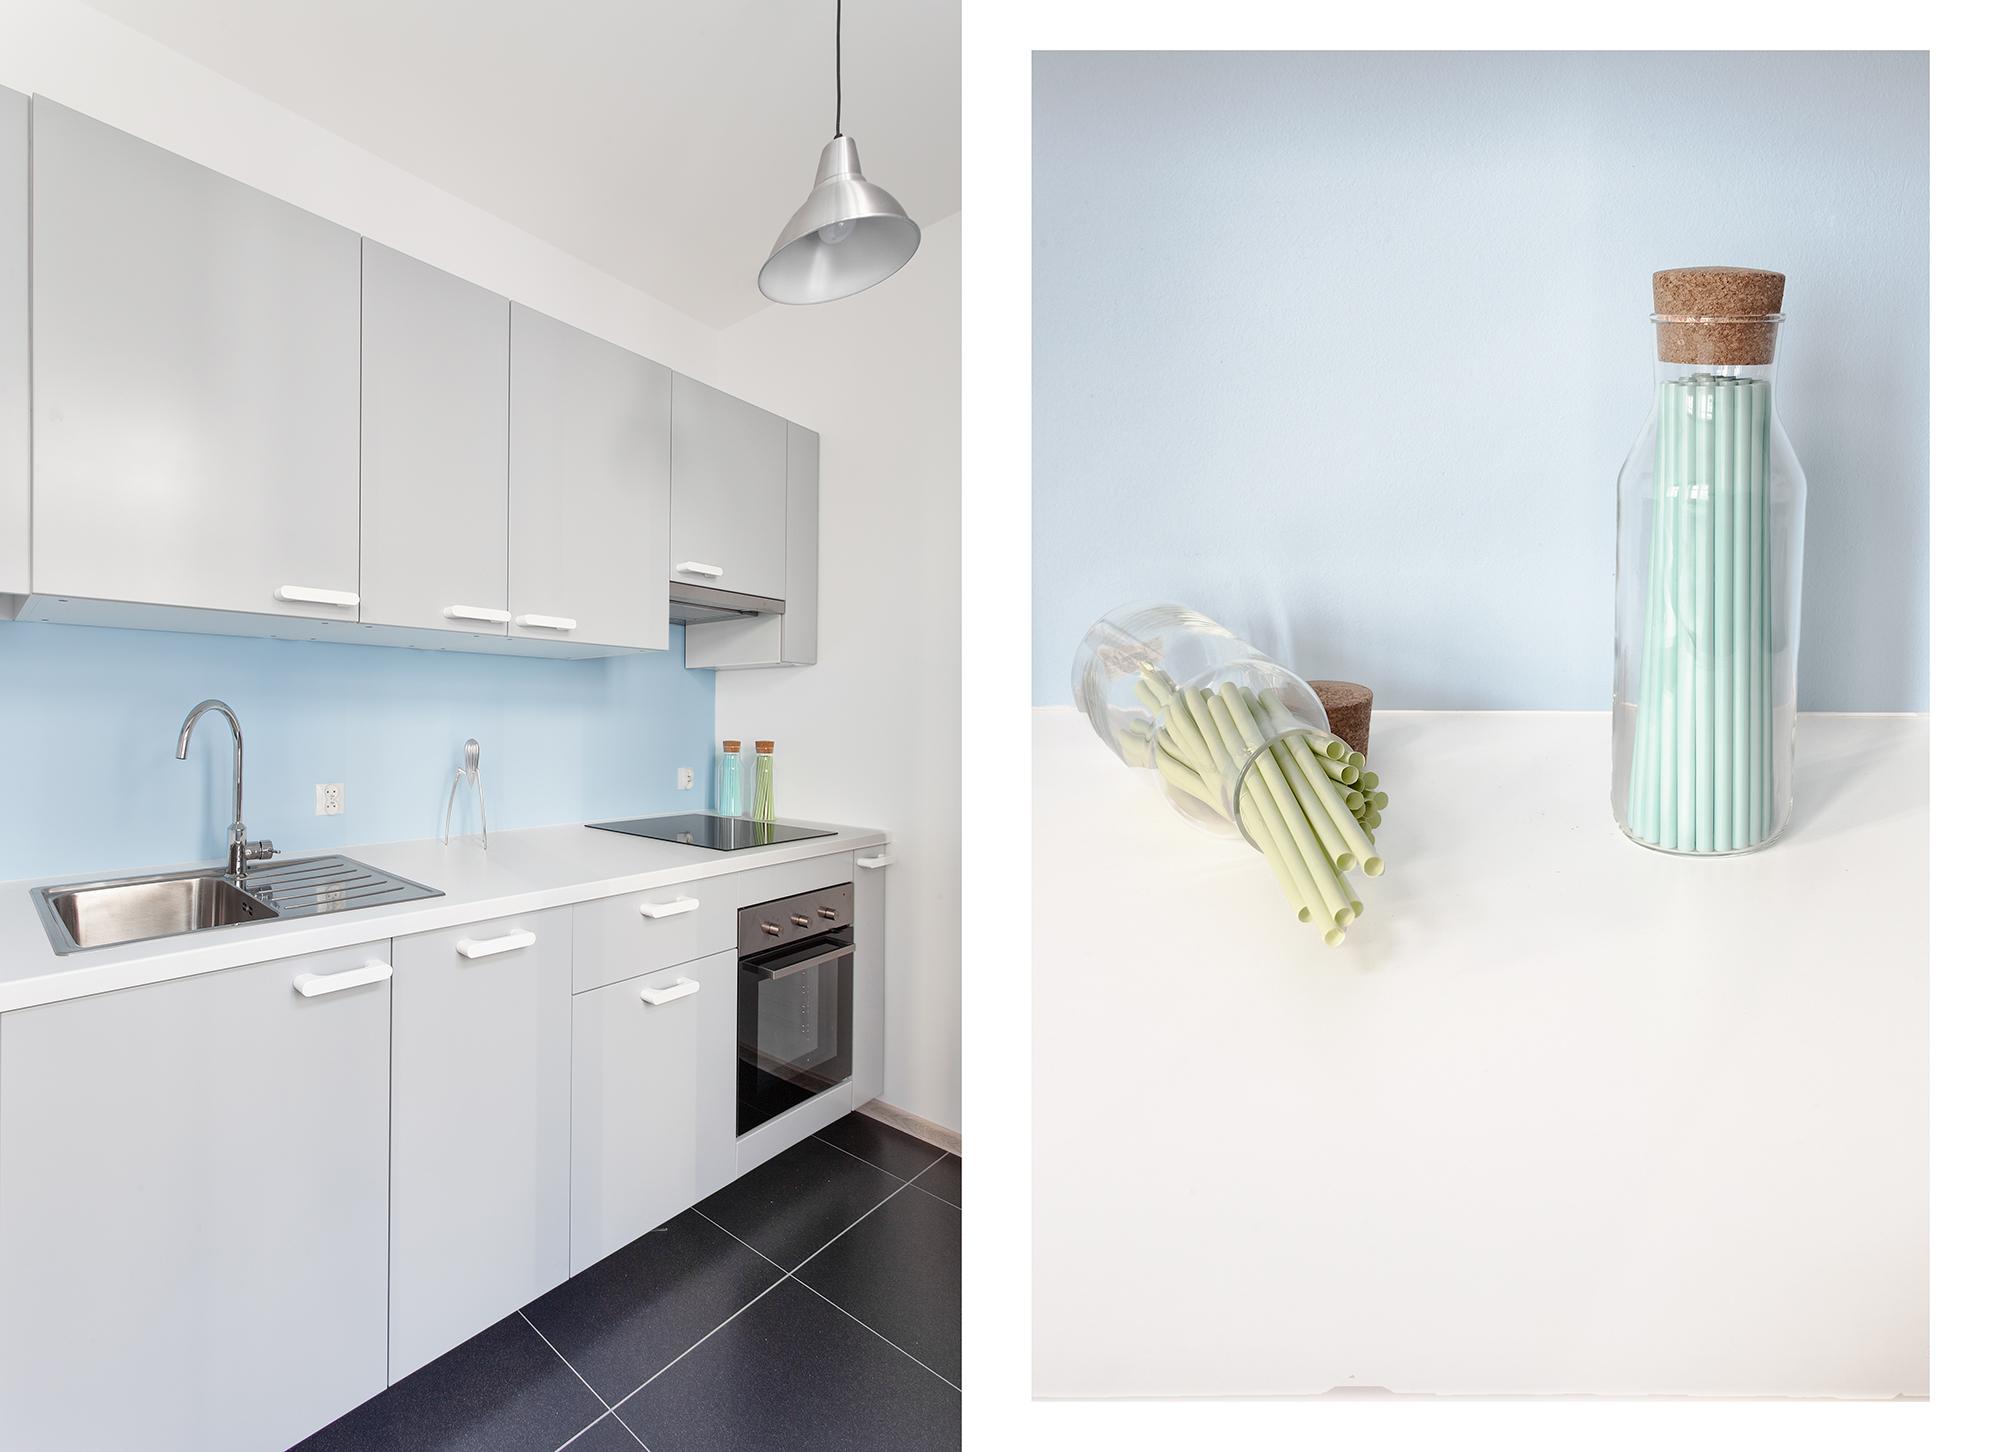 Kuchnia - Mieszkanie błękitne